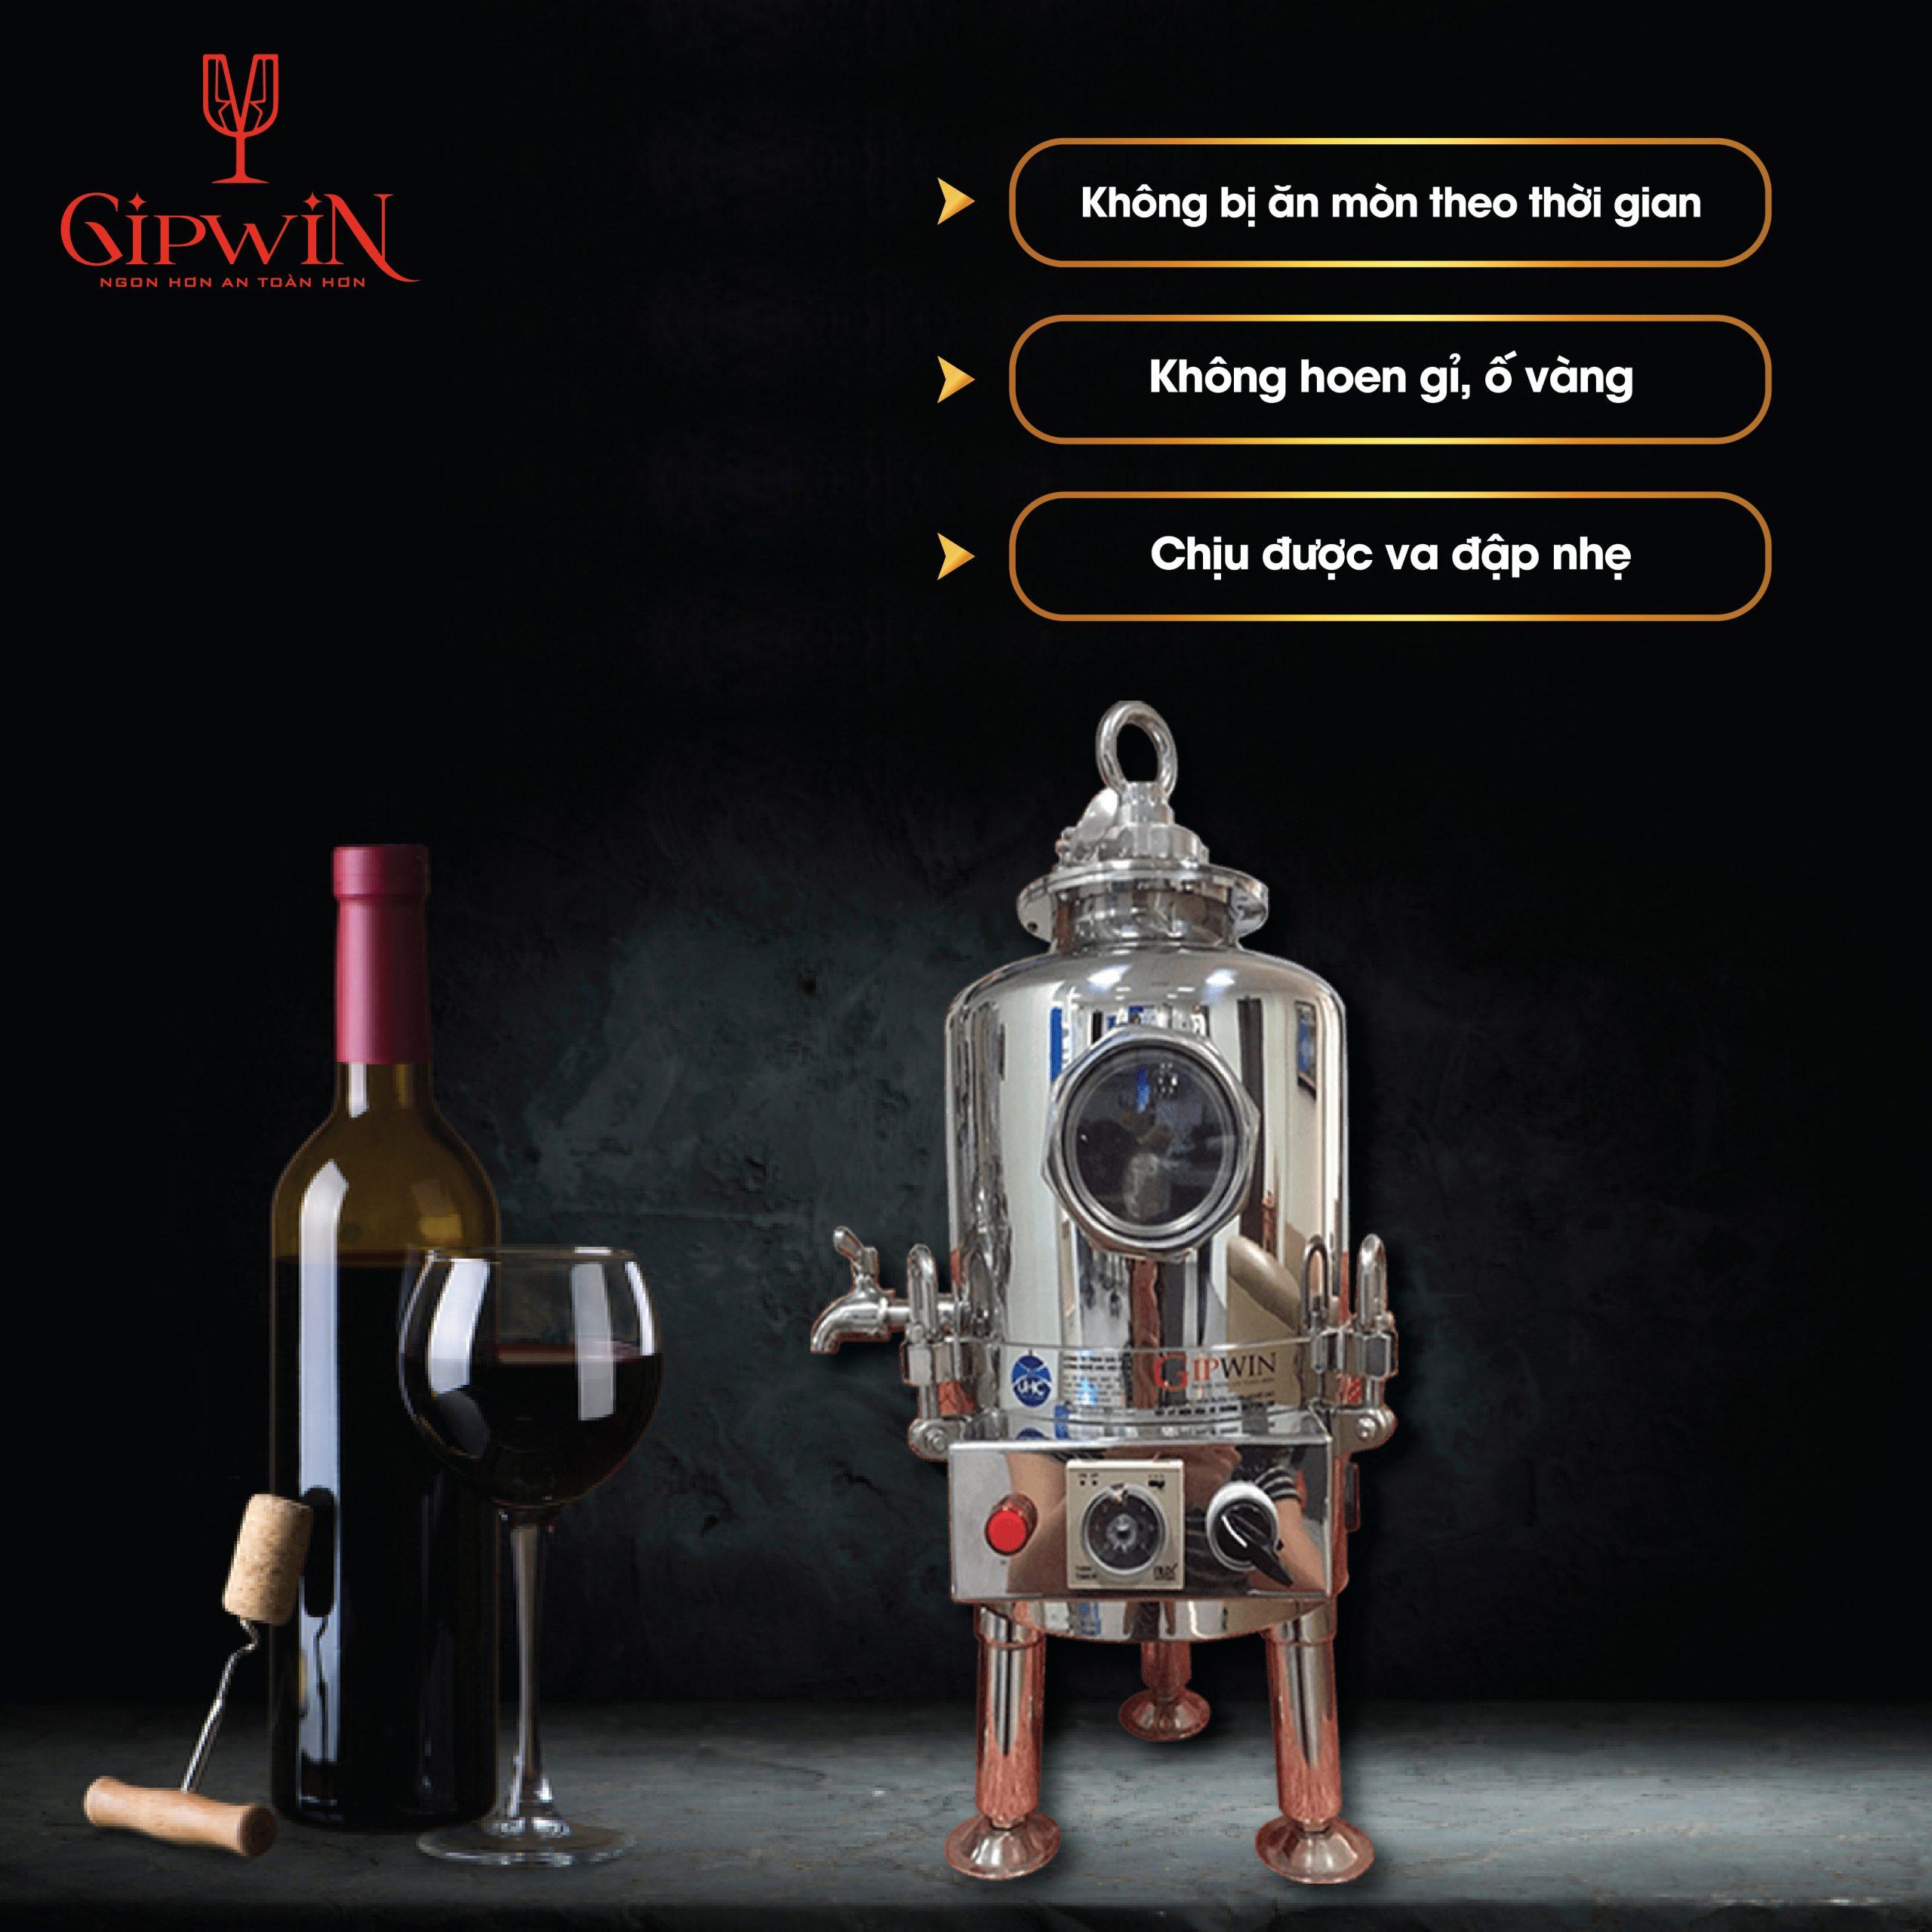 Máy lão hóa rượu bền, đẹp, chịu được va đập, không bị cong vênh theo thời gian.